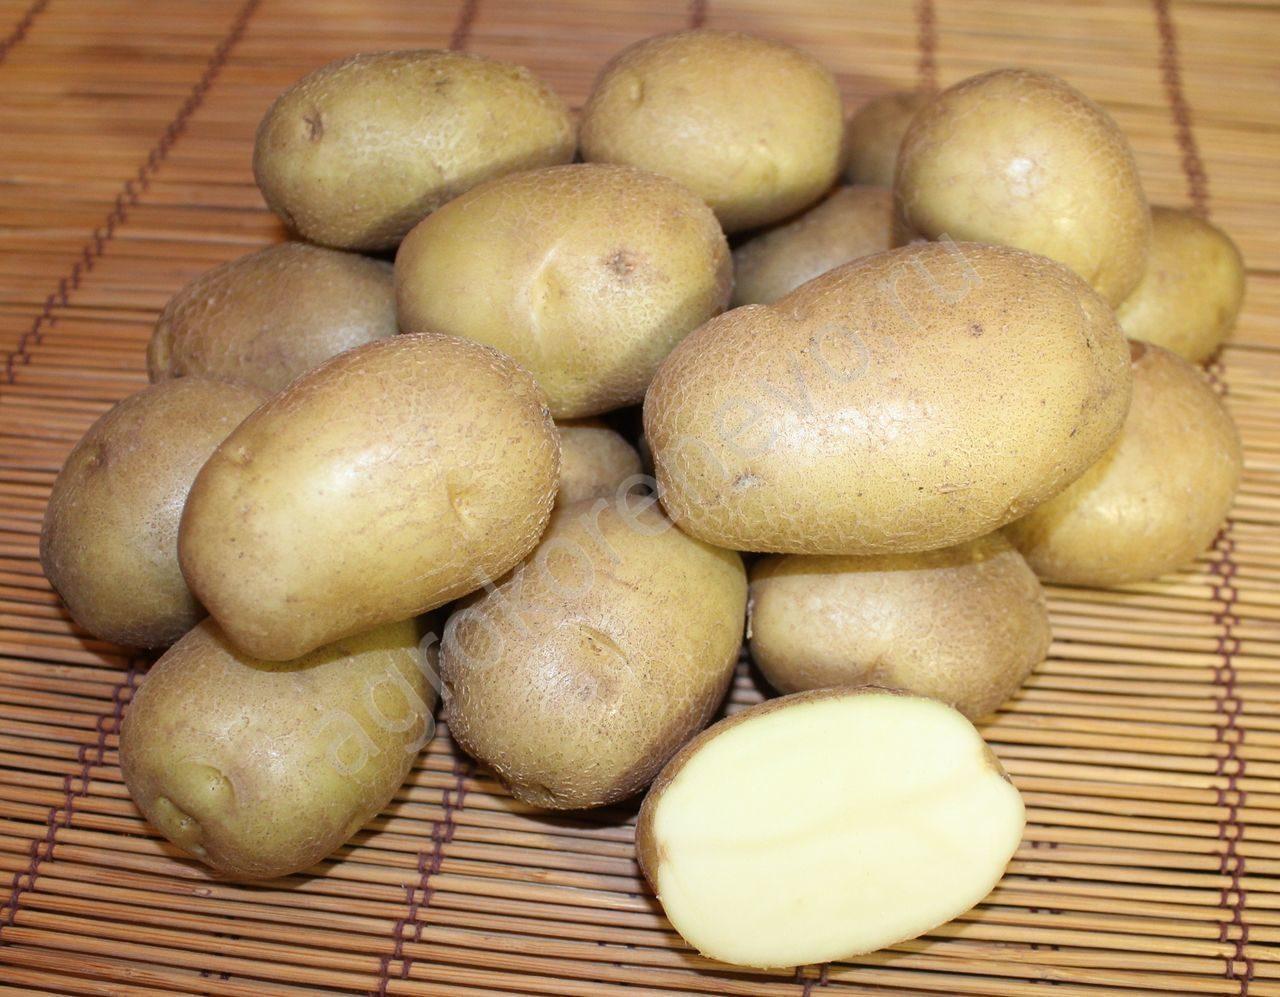 Картофель голубизна: описание и характеристика сорта, отзывы и фото